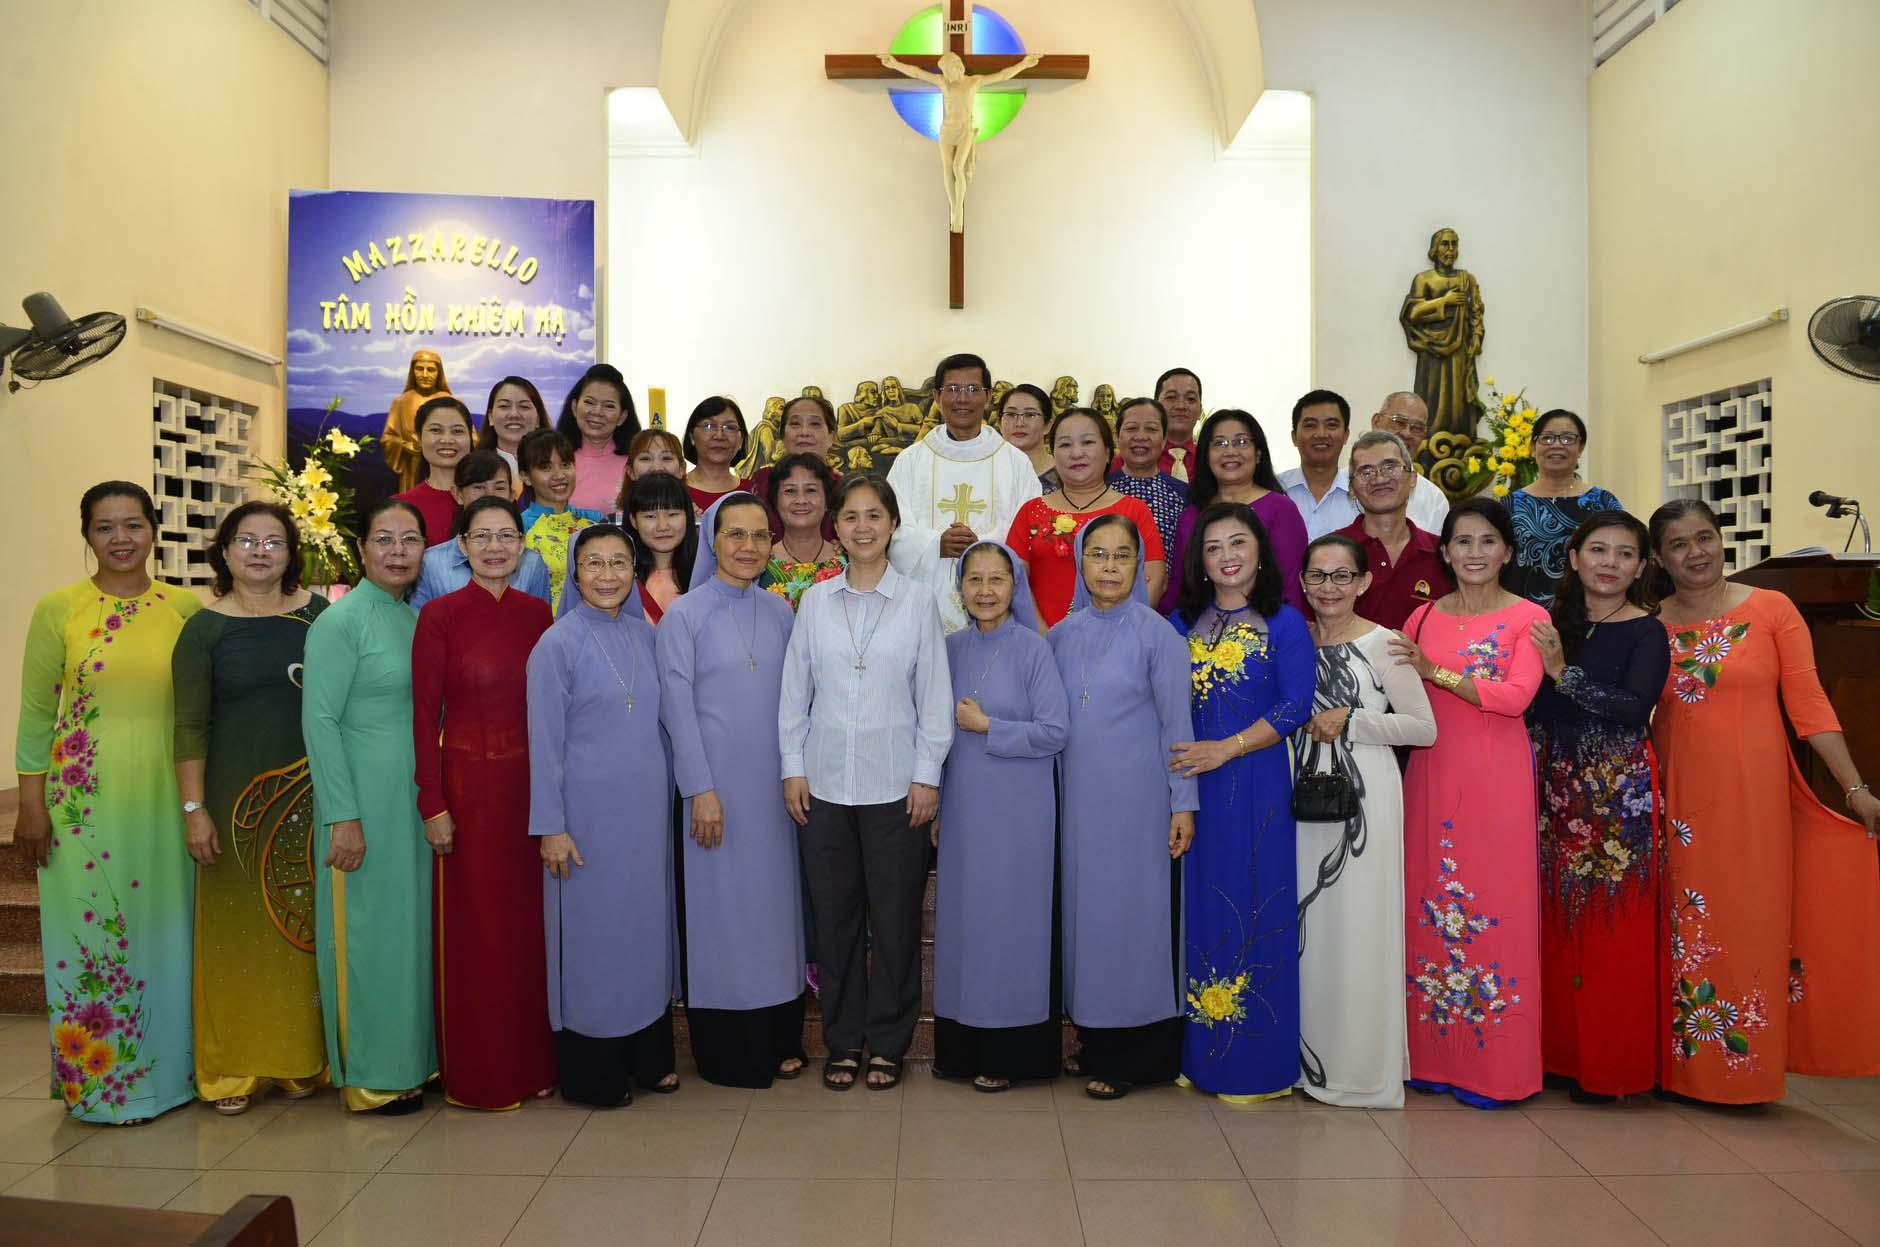 Cộng tác viên Trung tâm Mazzarello mừng lễ Bổn Mạng và mừng 15 năm thành lập